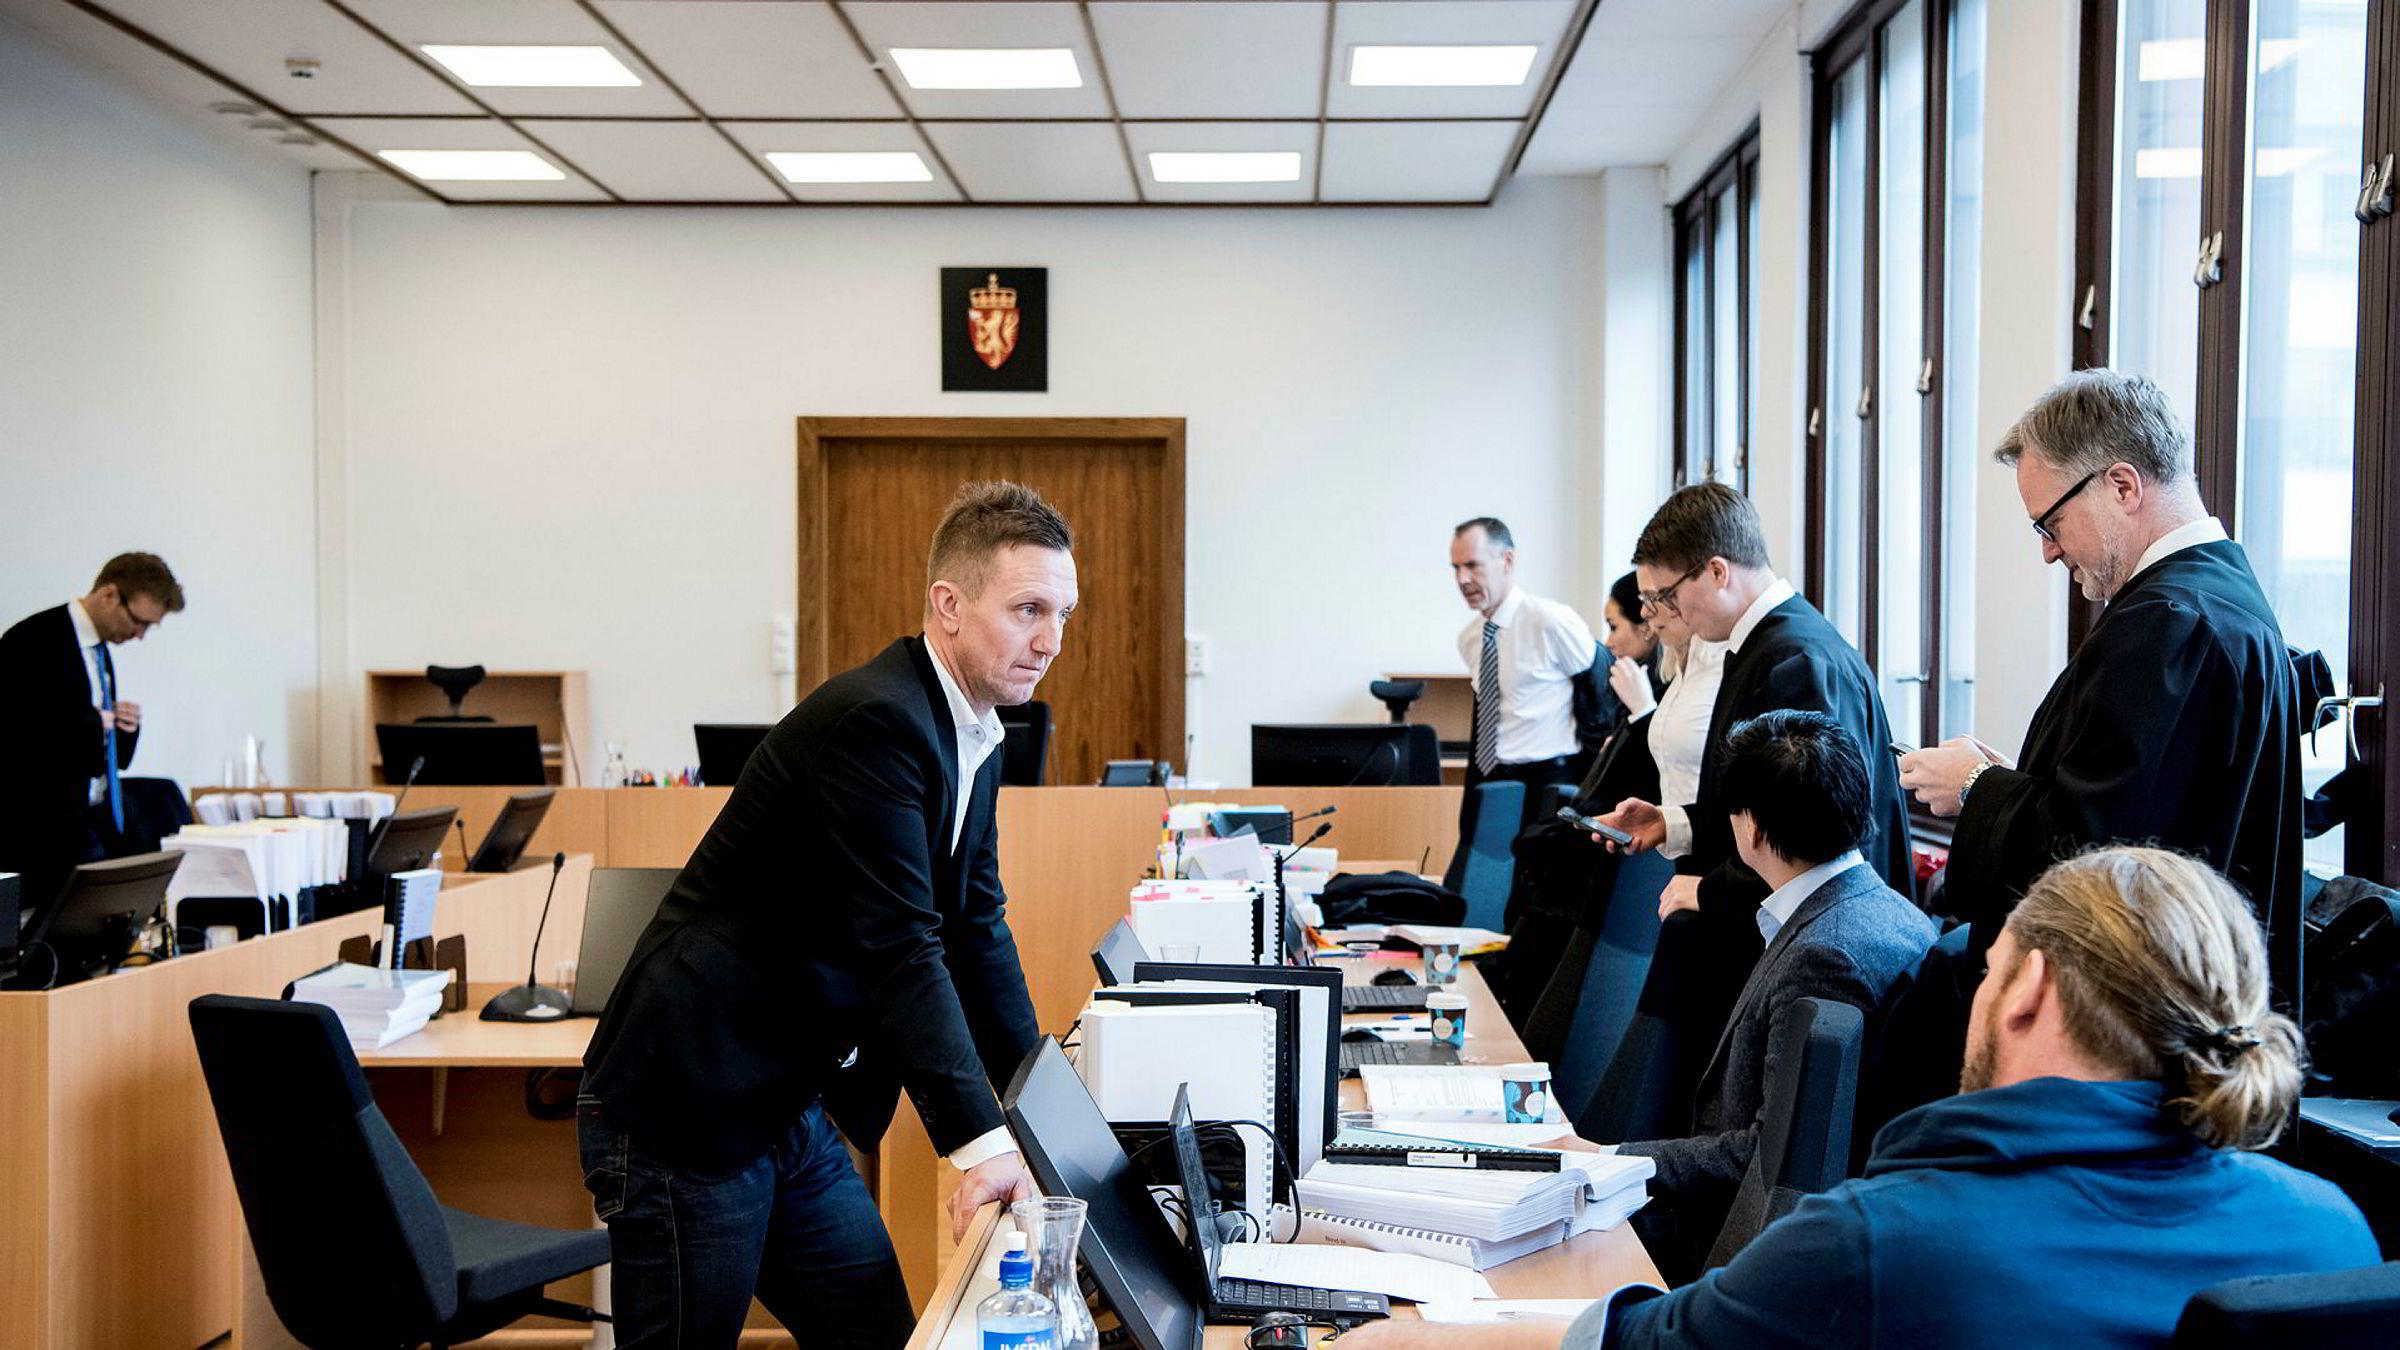 Kjetil Andersen gikk til frontalangrep på sin tidligere kollega Alfred Ydstebø da han avga sin forklaring i retten torsdag.